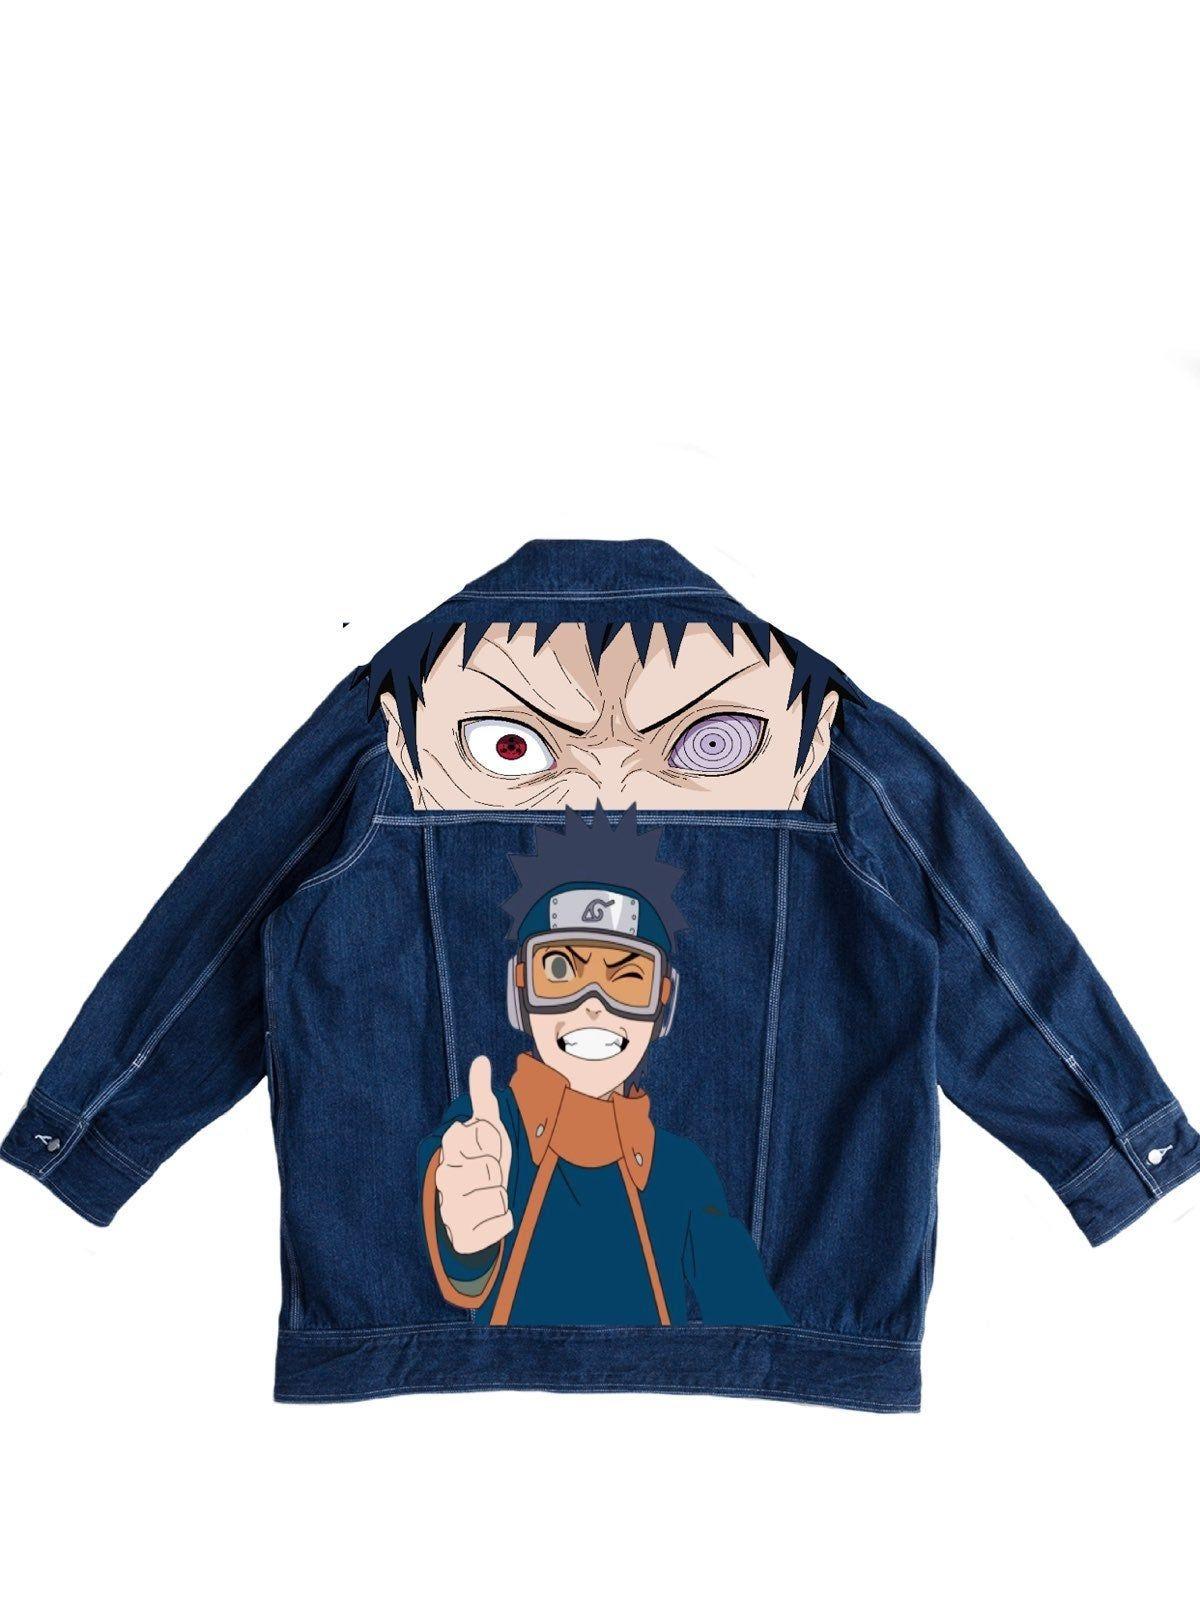 Custom obito naruto denim jacket in 2020 anime inspired